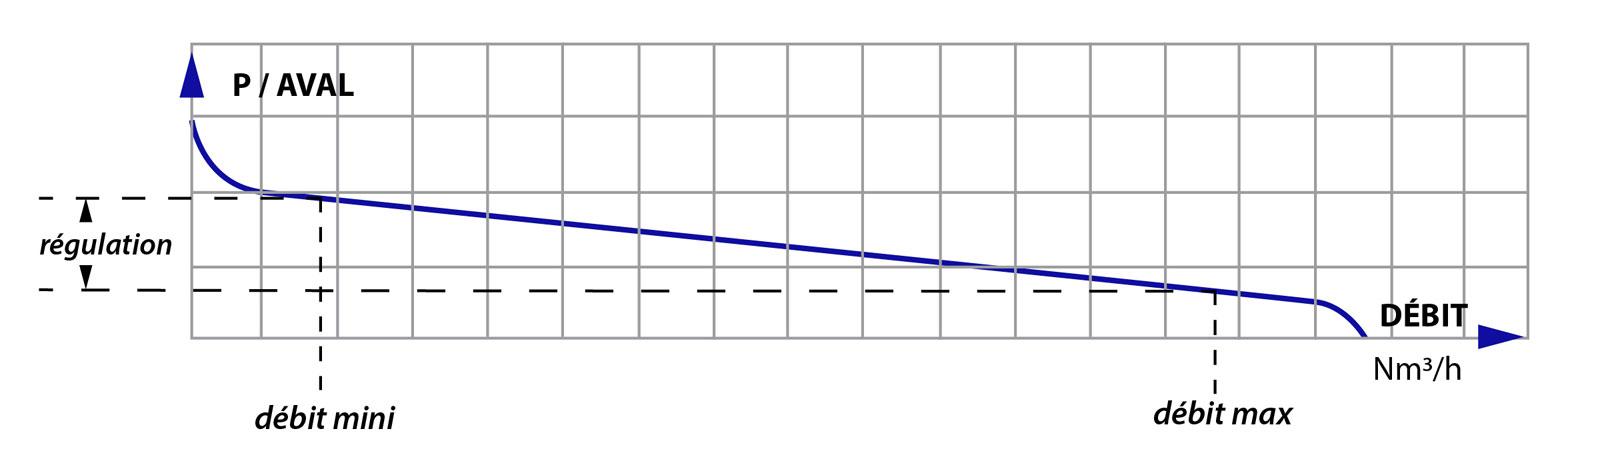 Cliquer pour fermer la fenêtre -  Schema courbe regulation montage detendeur